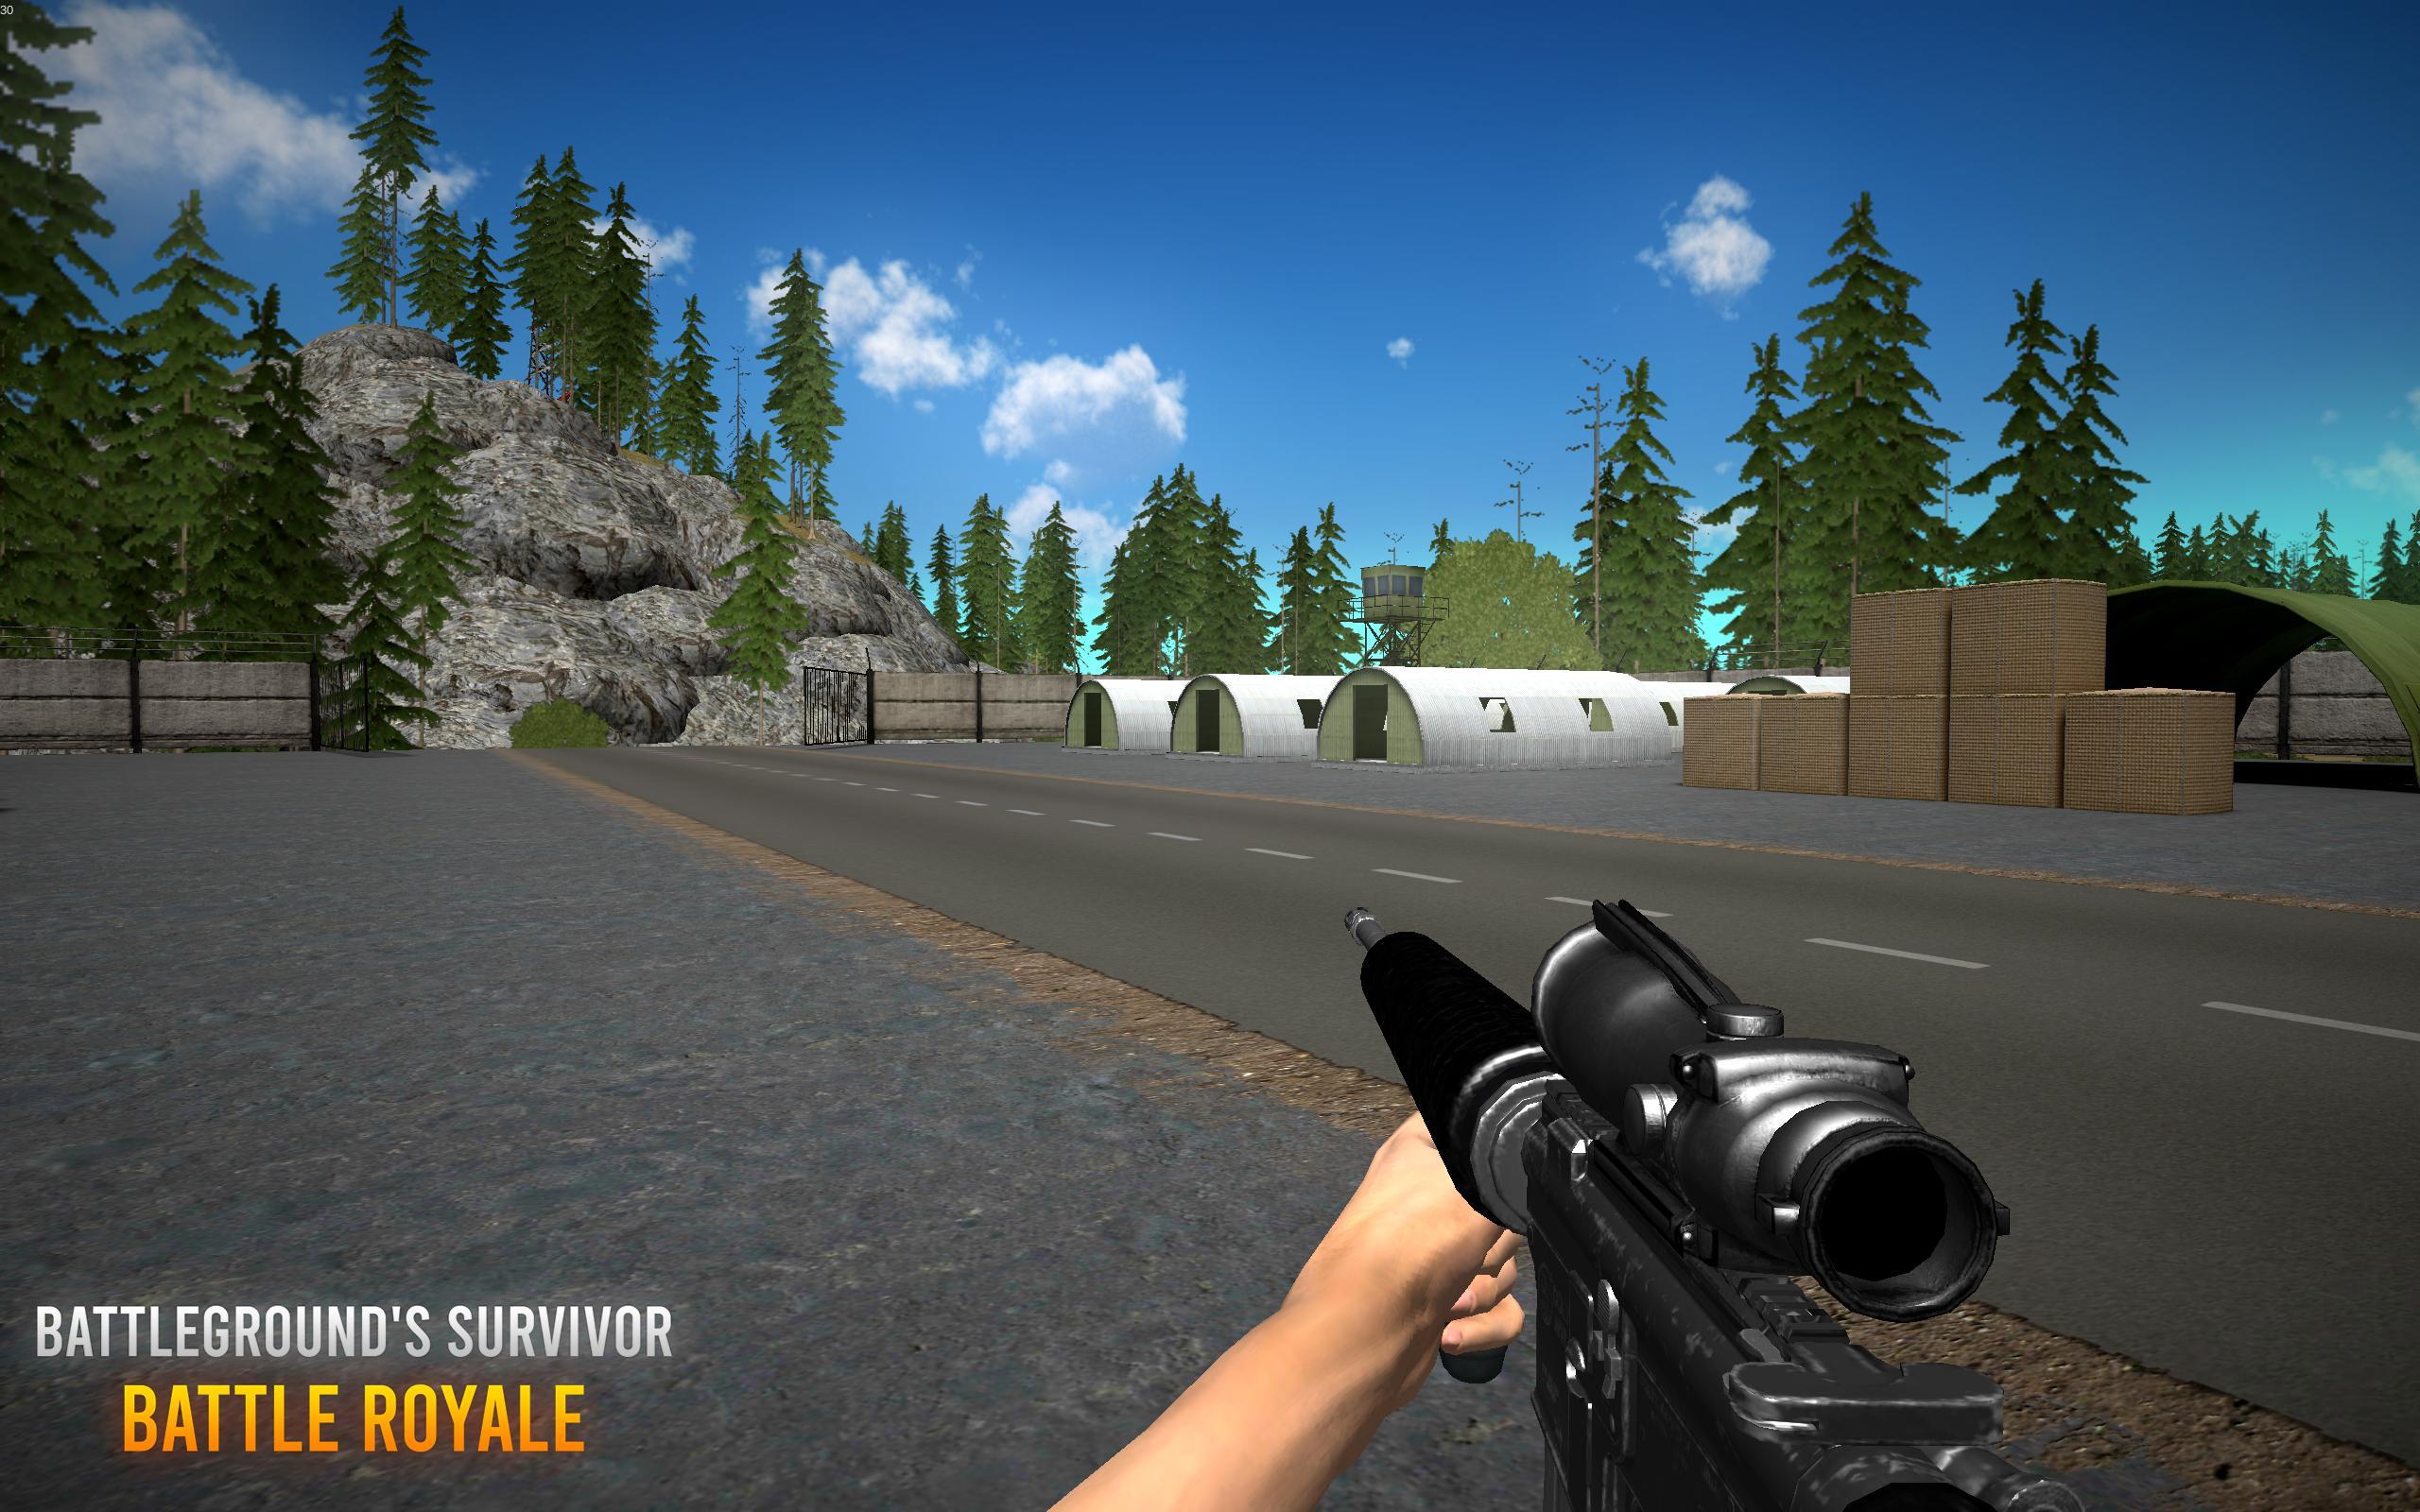 Battleground's Survivor: Battle Royale